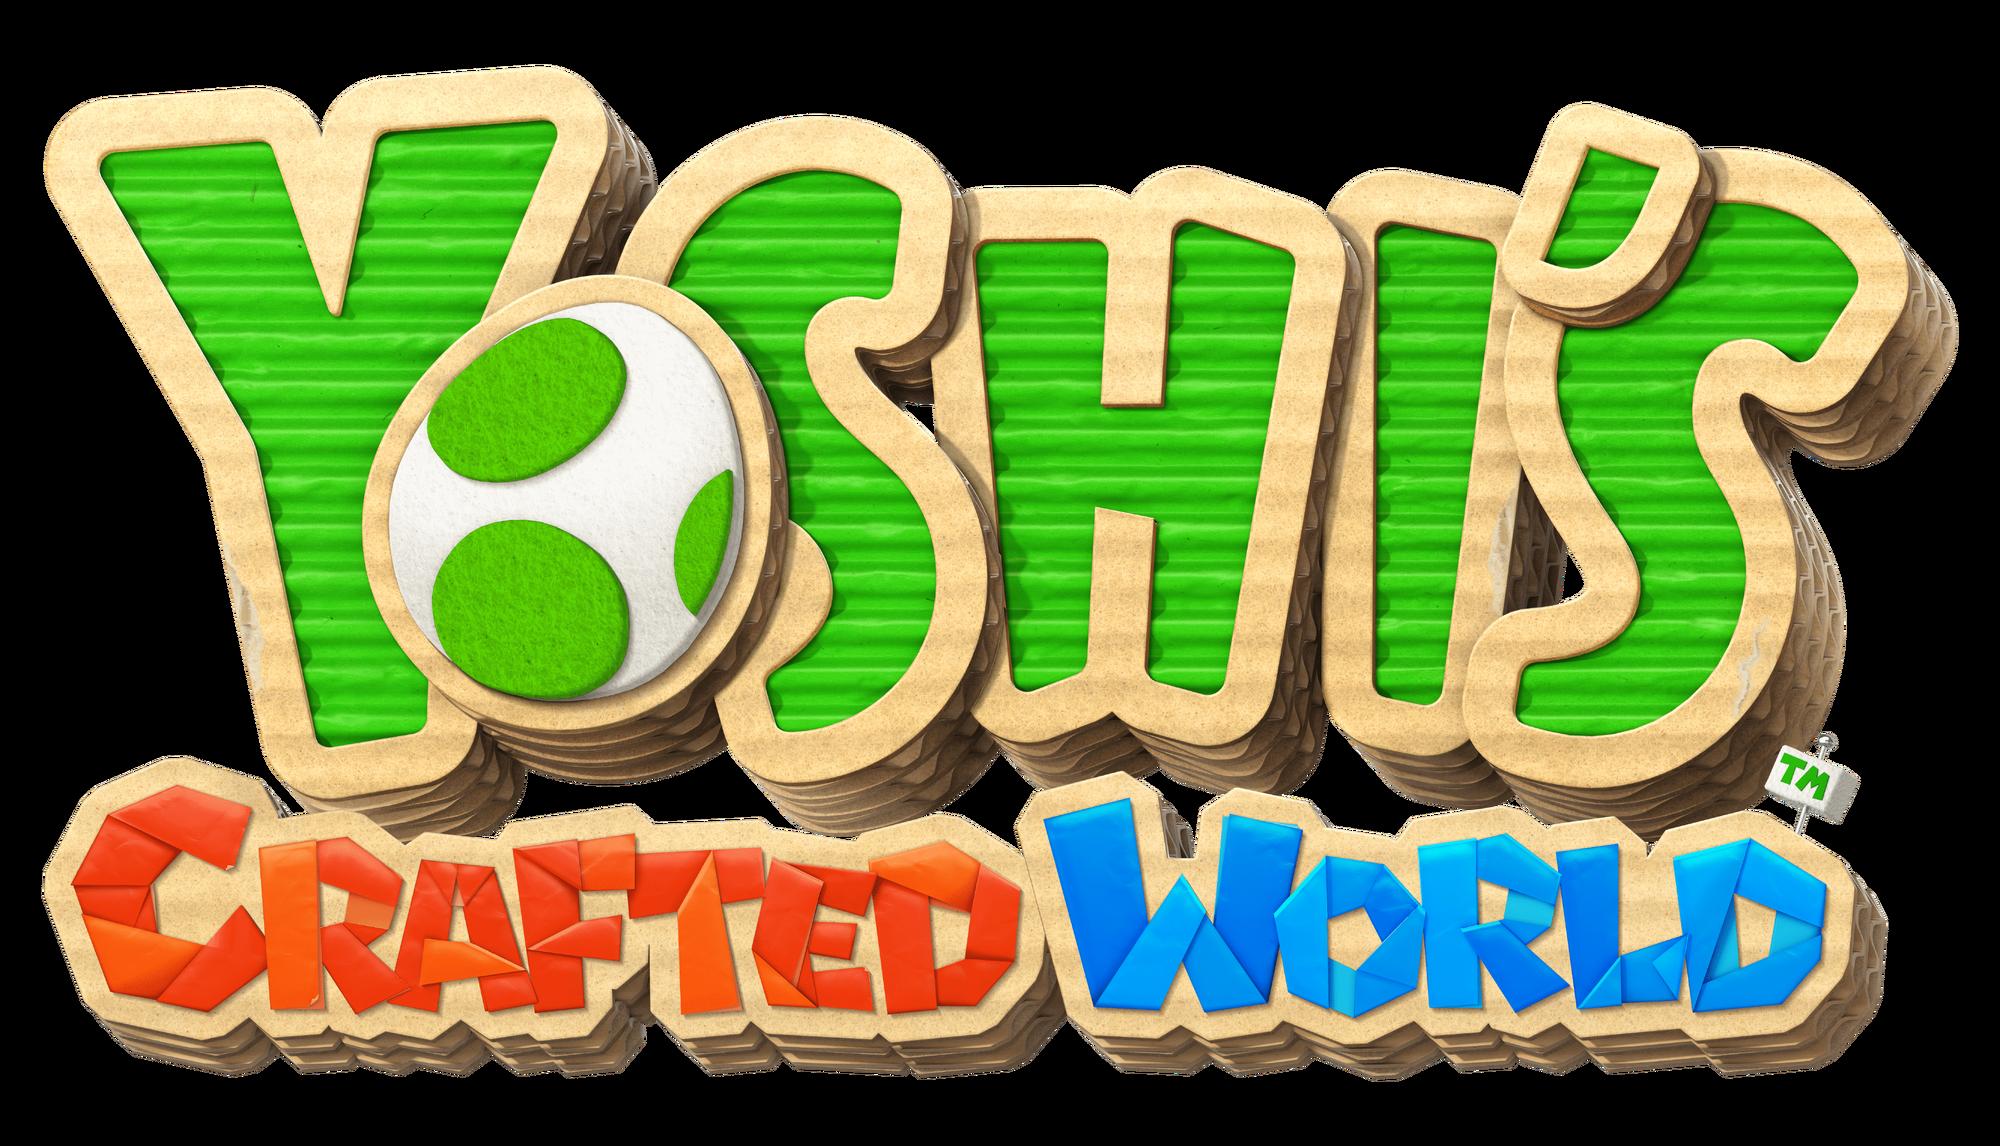 Resultado de imagem para yoshi's crafted world logo png